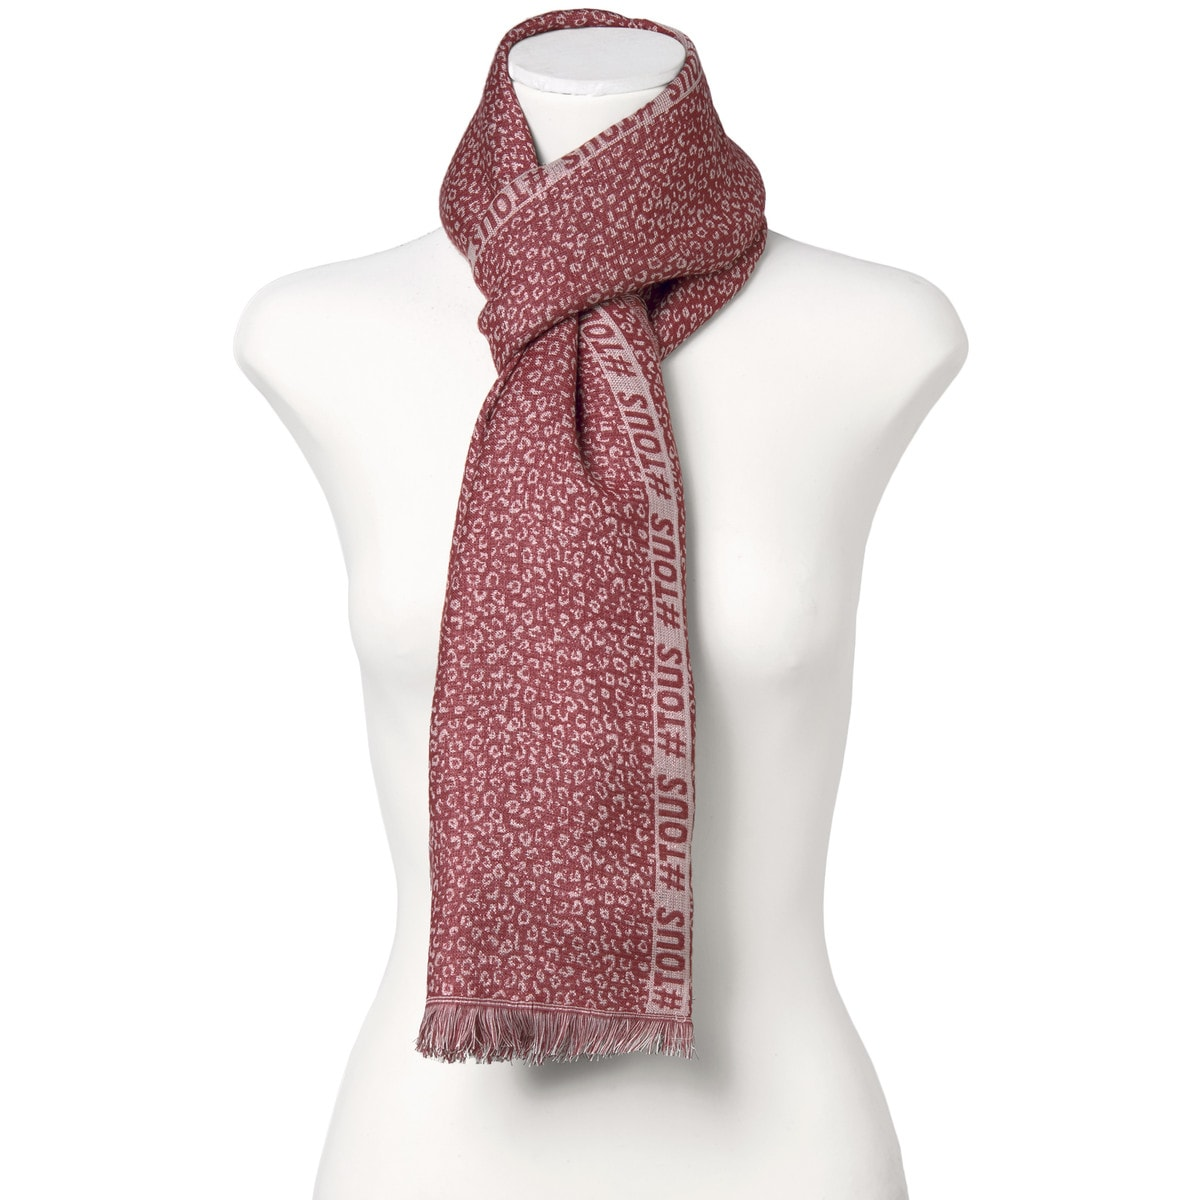 style de la mode de 2019 vente la moins chère beaucoup à la mode Terracotta Colet Leo Jacquard foulard